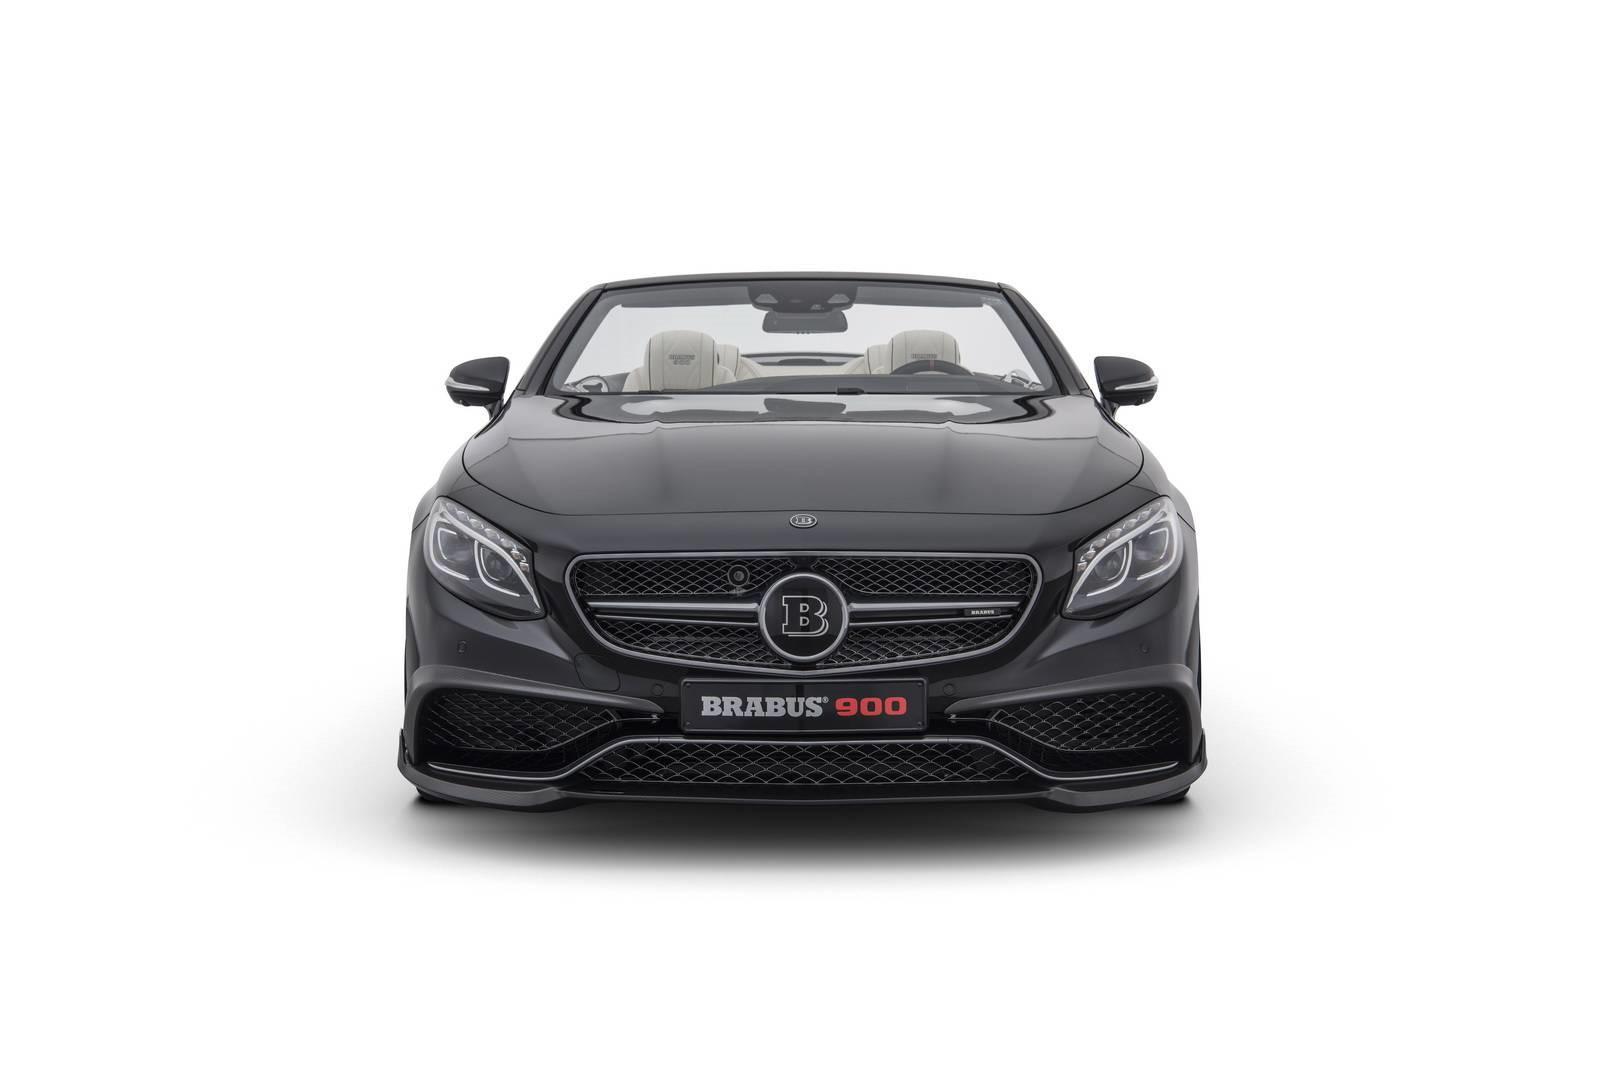 le-cabriolet-4-places-le-plus-puissant-et-le-plus-rapide-au-monde-brabus-rocket-900-cabriolet-411-1.jpg